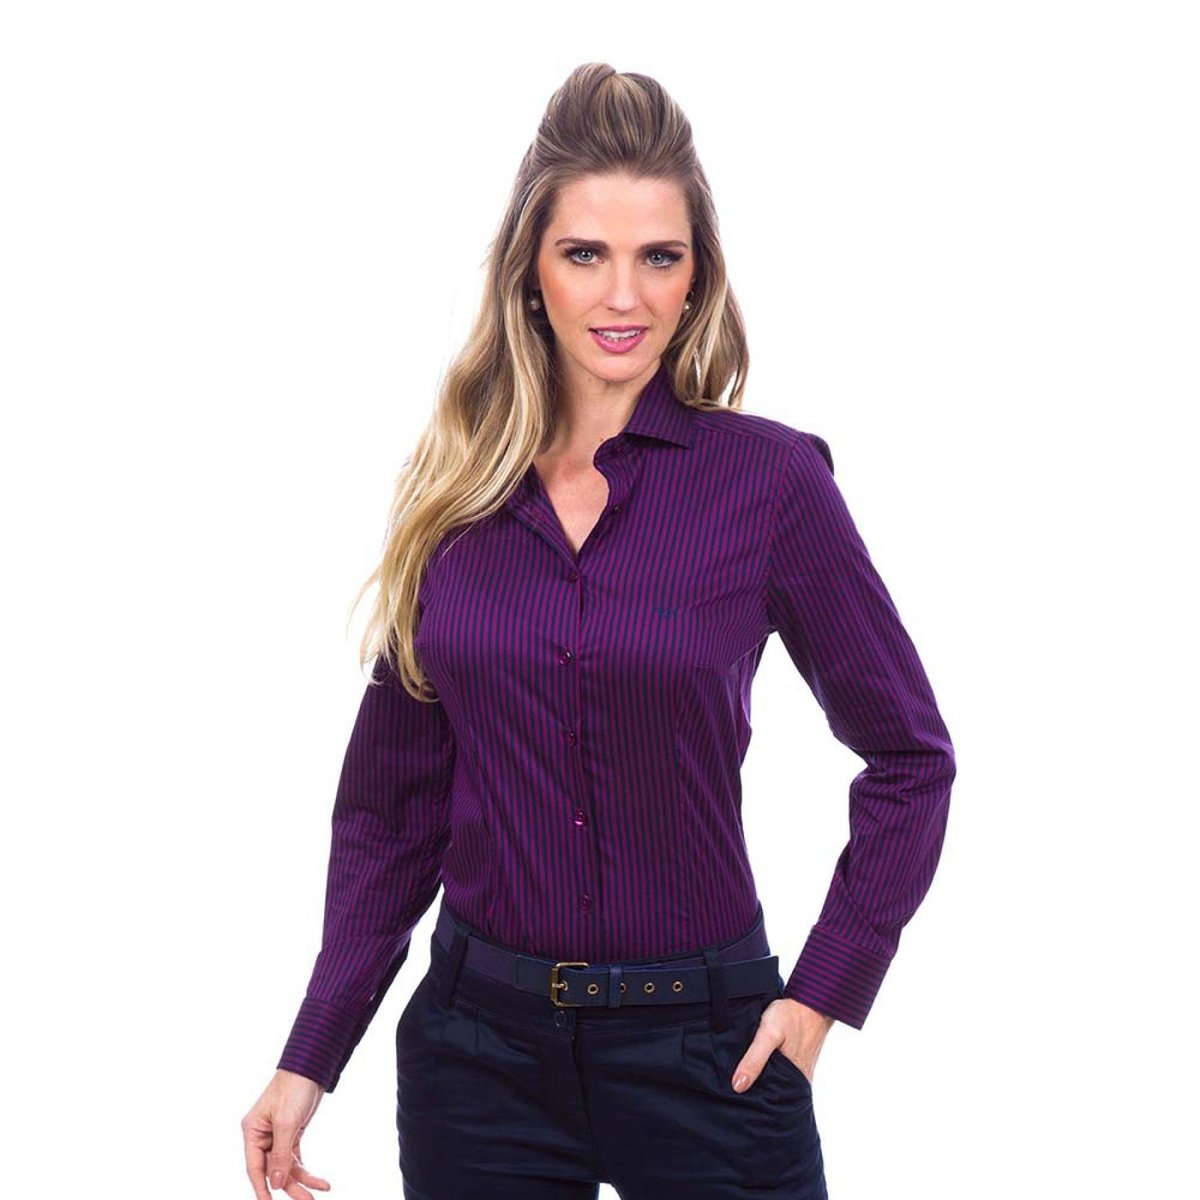 Camisa Social Listrada Feminino - Compre Agora   Netshoes c043856dc5